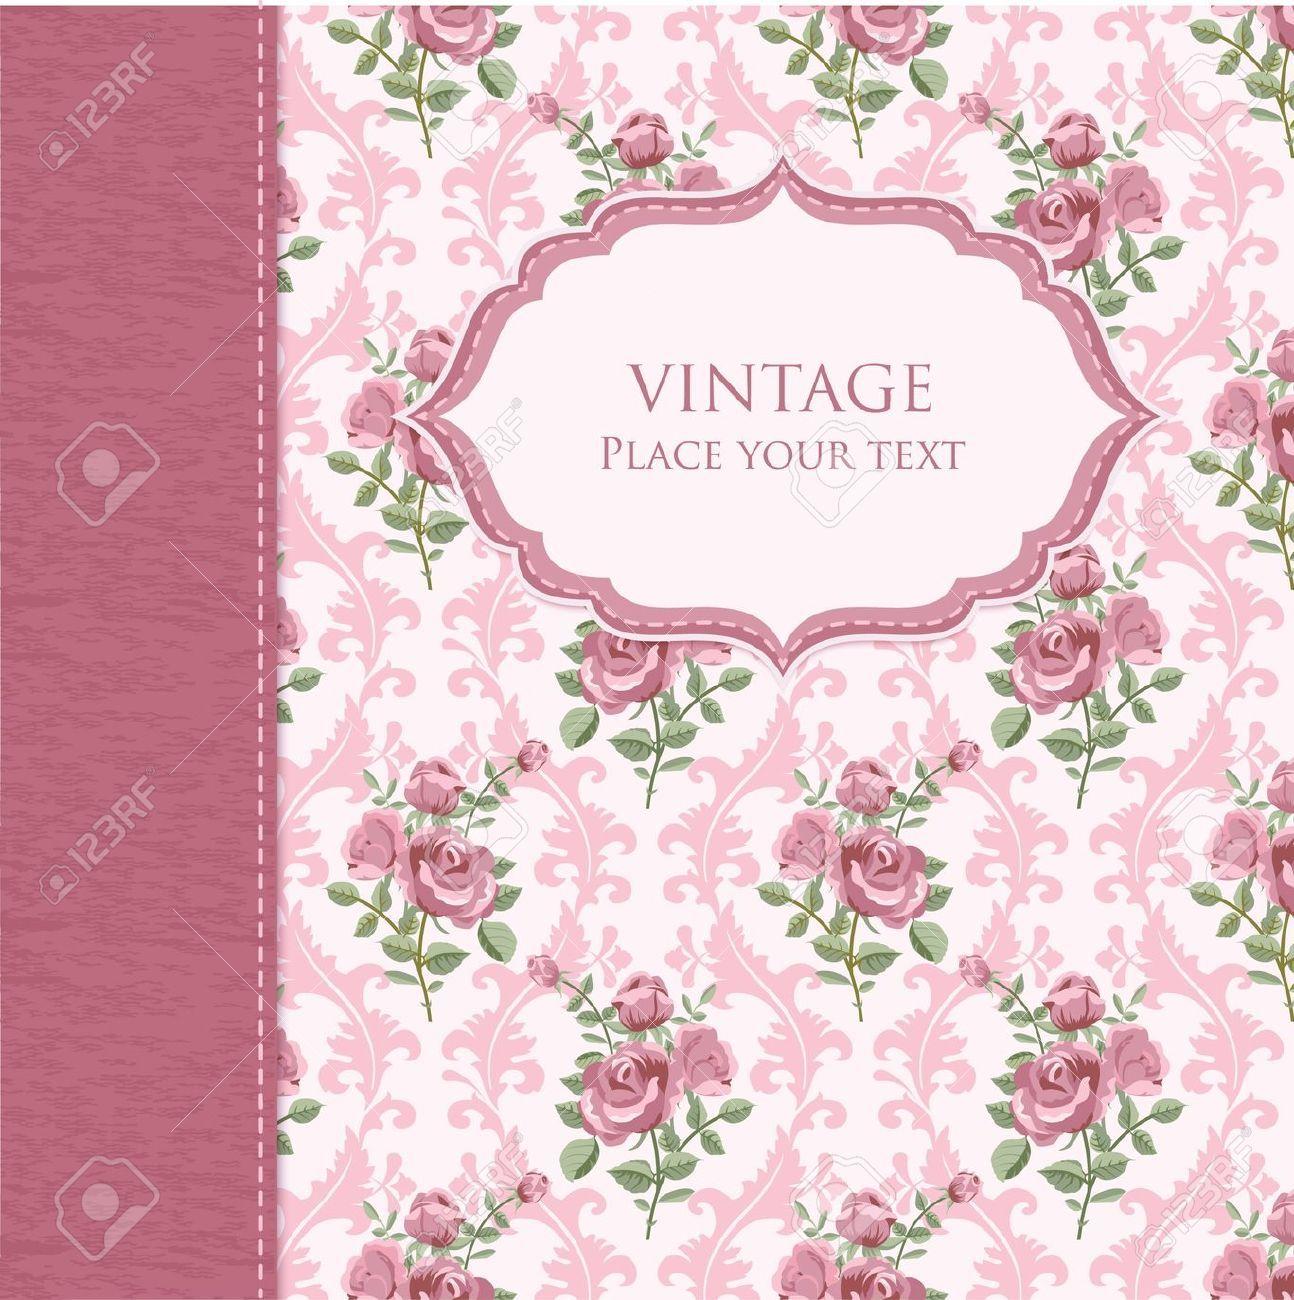 Image Result For Vintage Flower Background